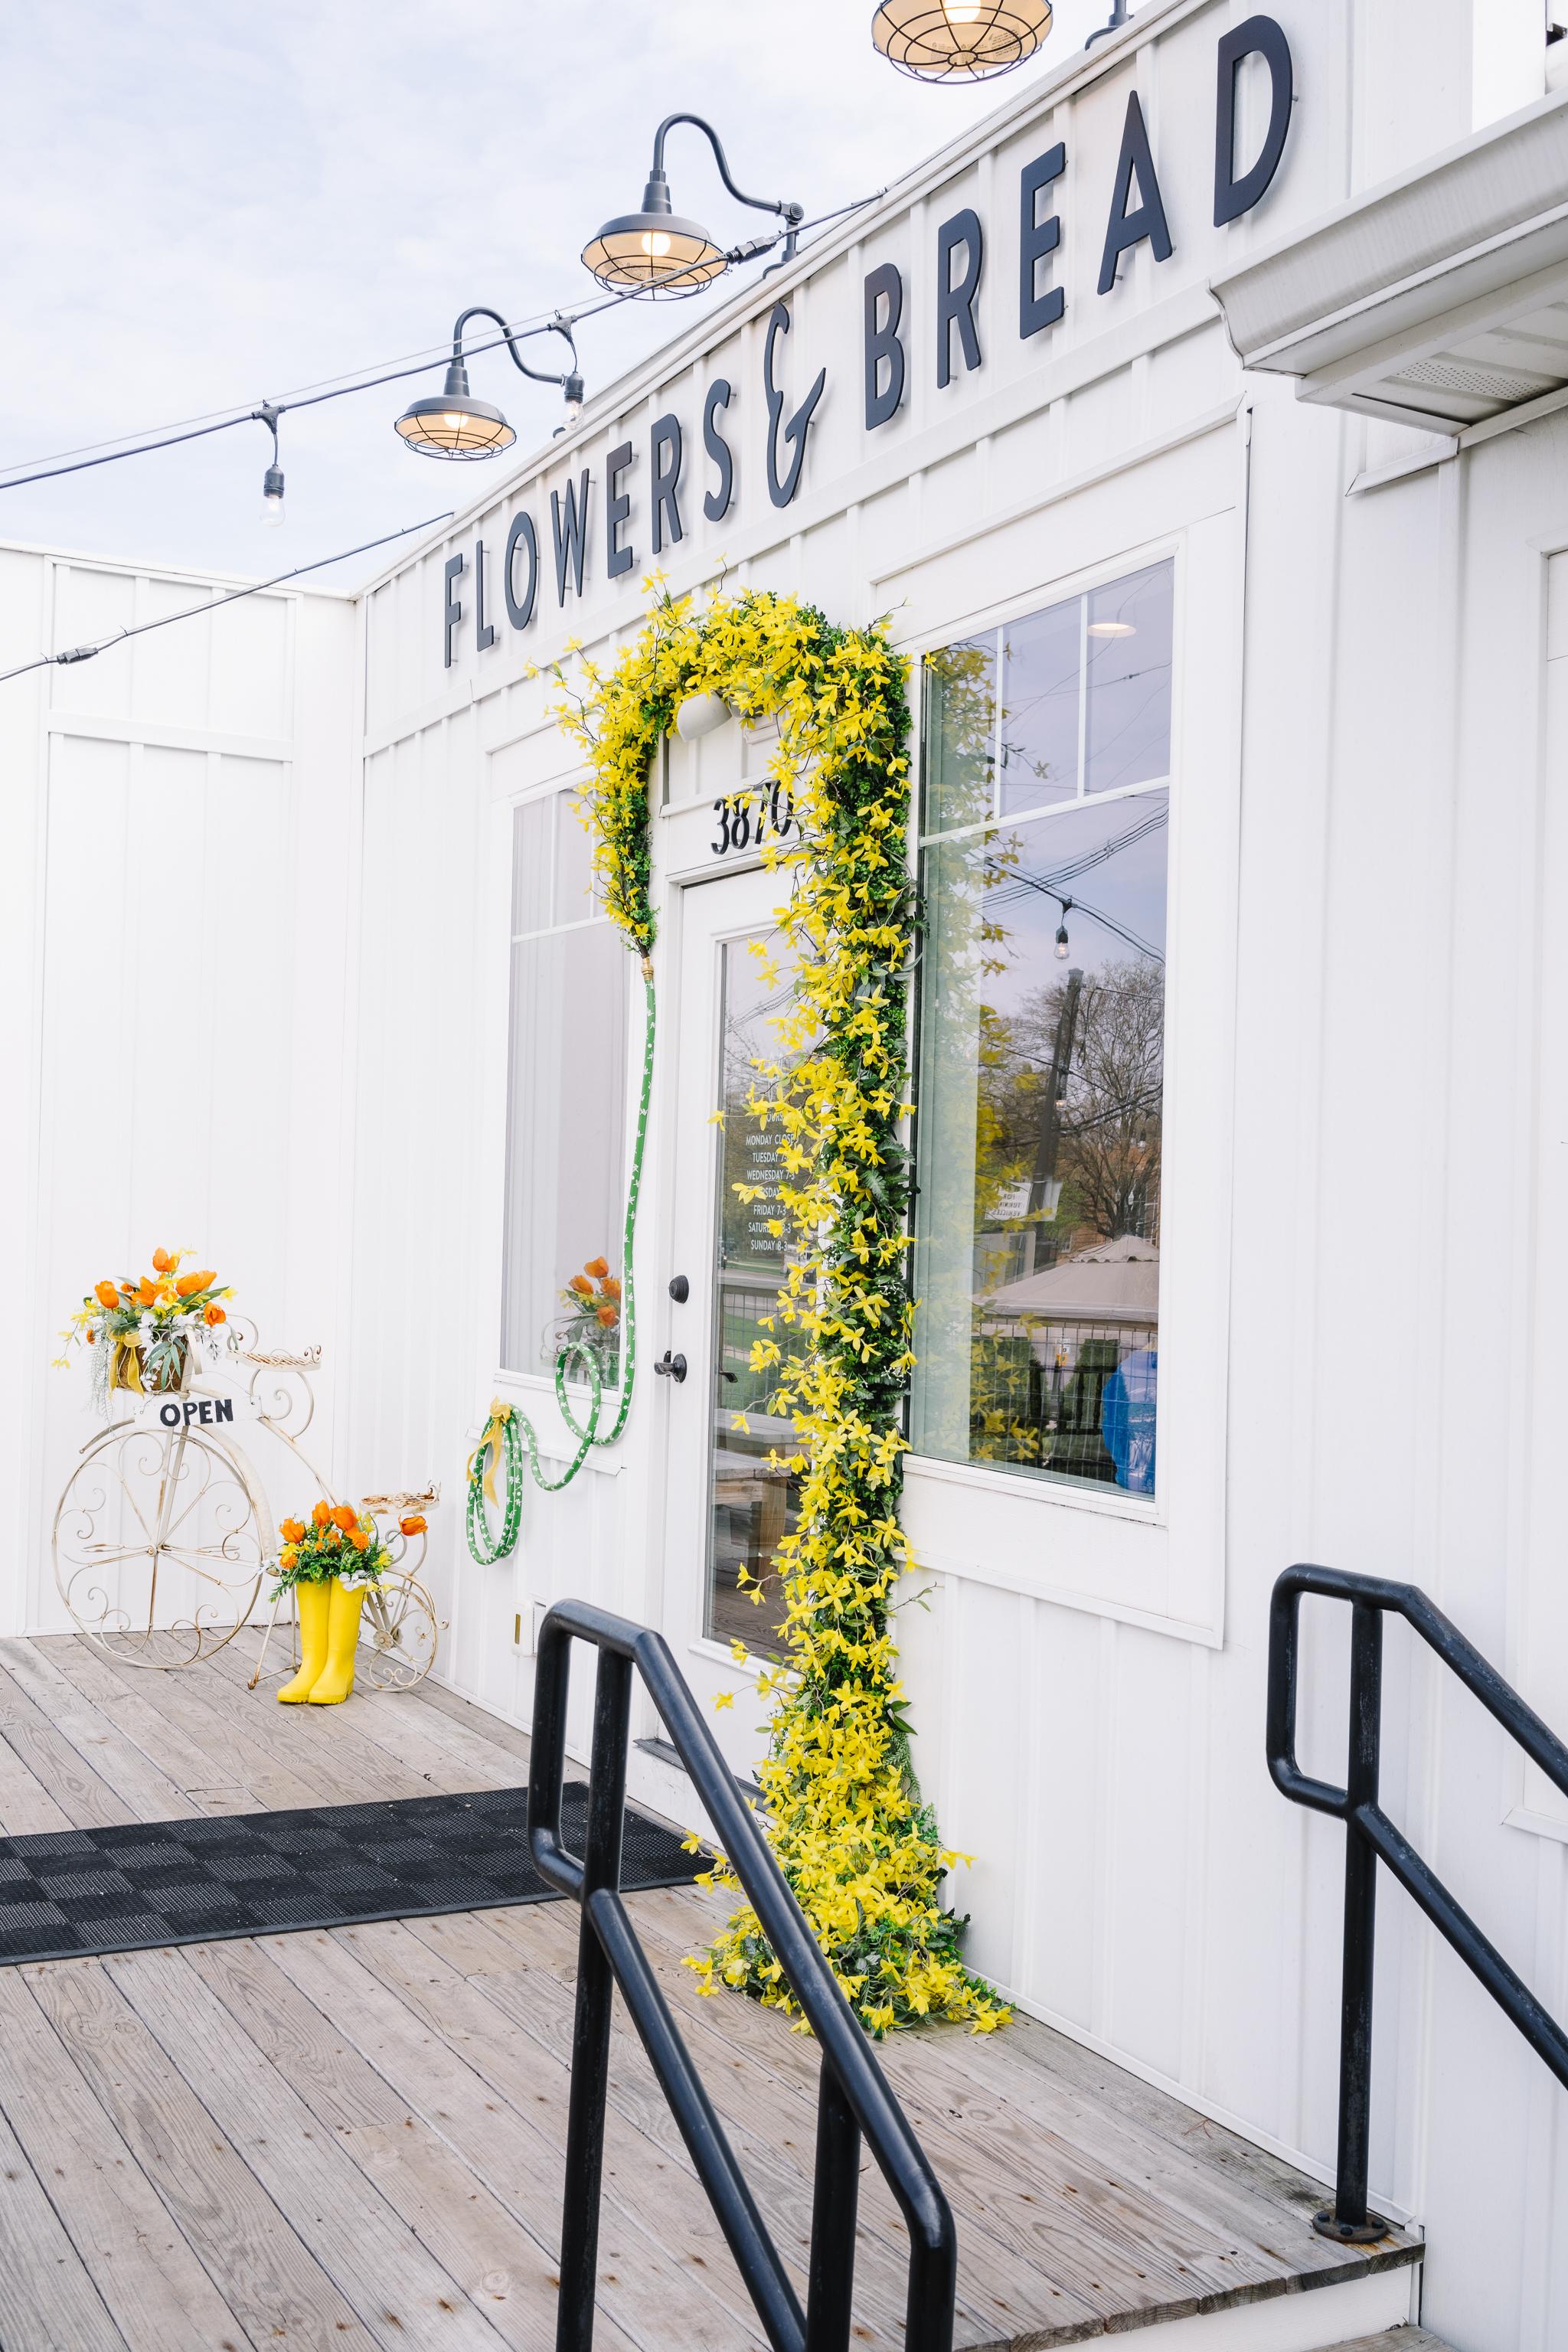 Columbus Cafe, Flowers & Bread, Columbus Ohio